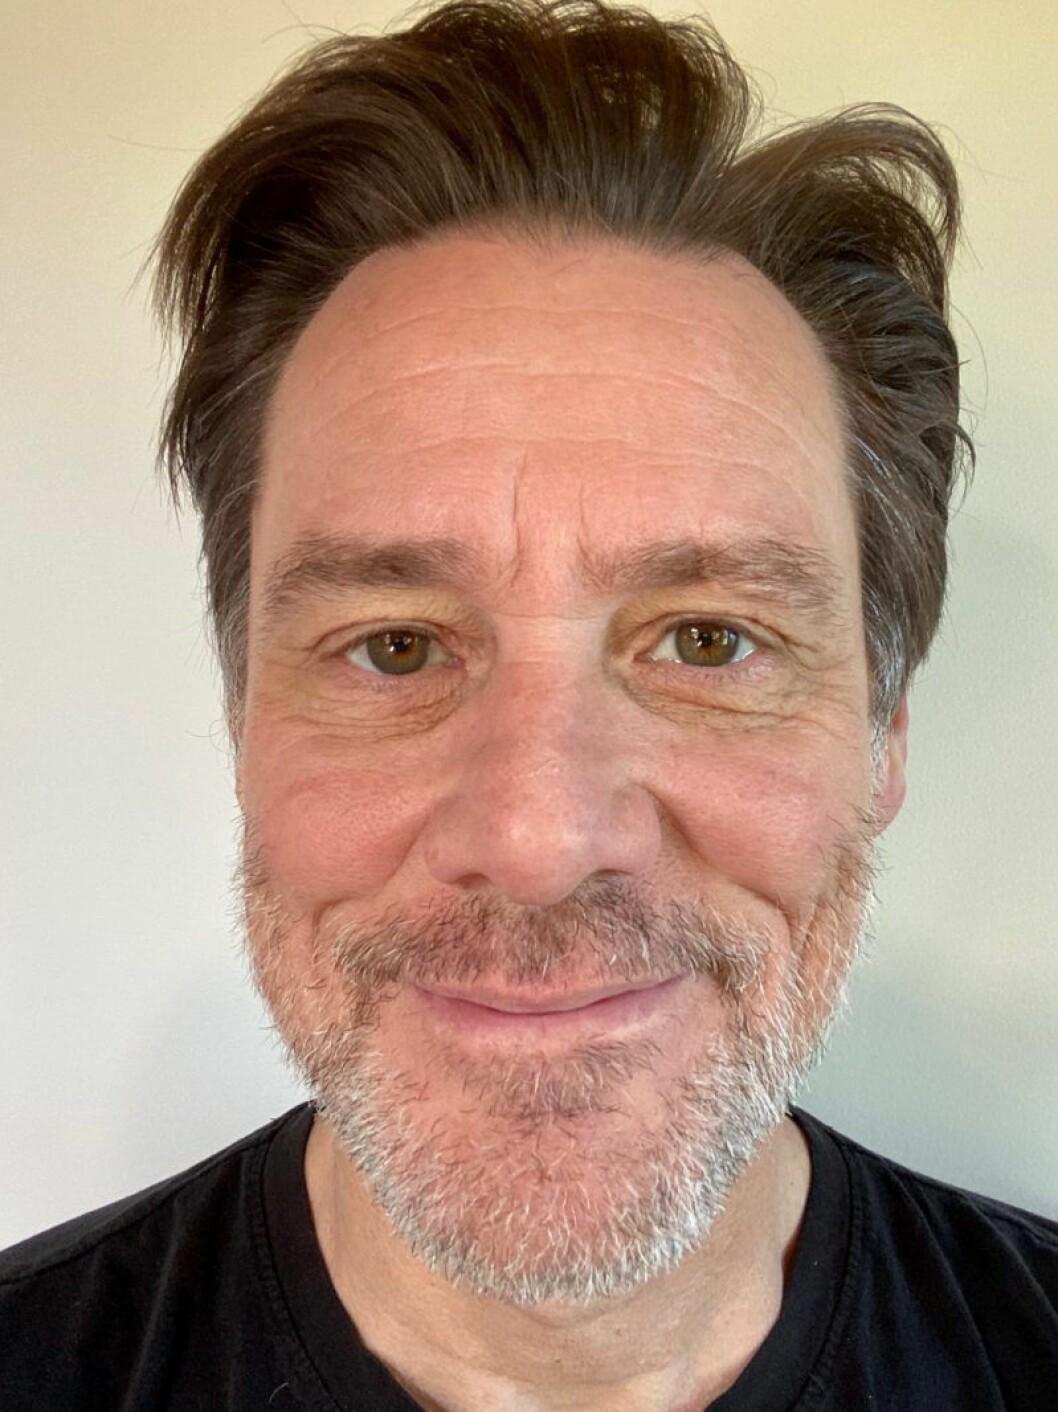 Jim Carrey i skägg